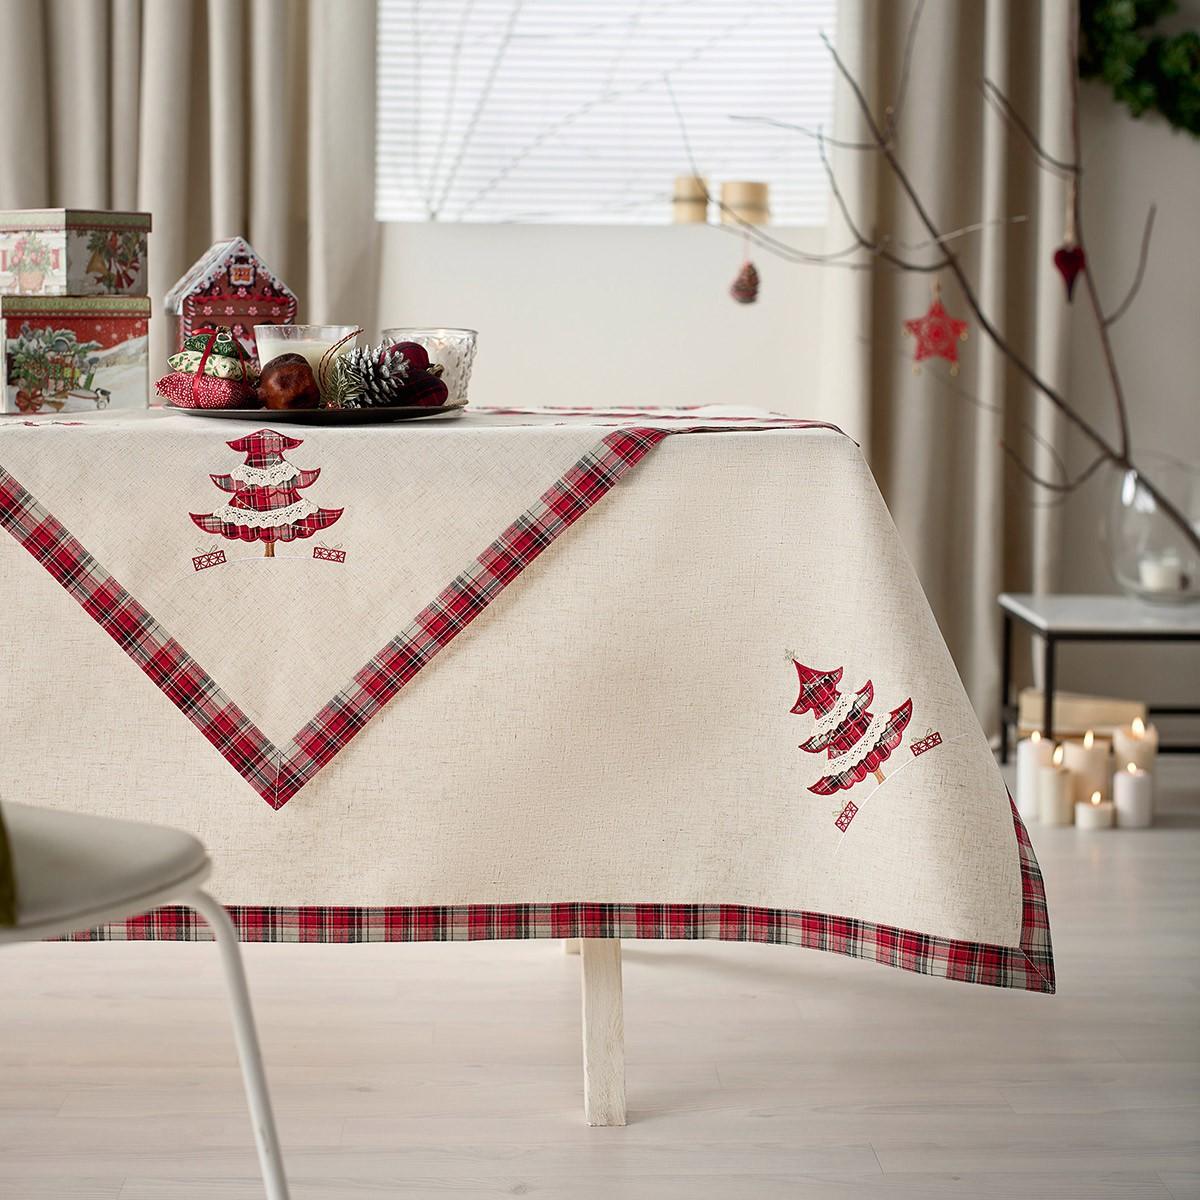 Χριστουγεννιάτικο Τραπεζομάντηλο (135×180) Gofis Home 686